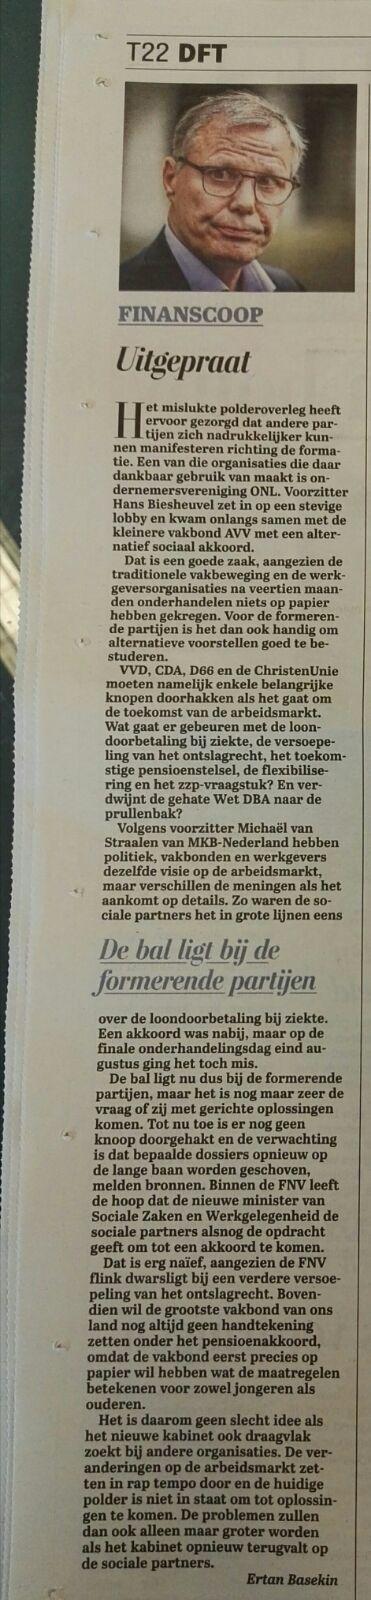 Telegraaf - Uitgepraat -DFT